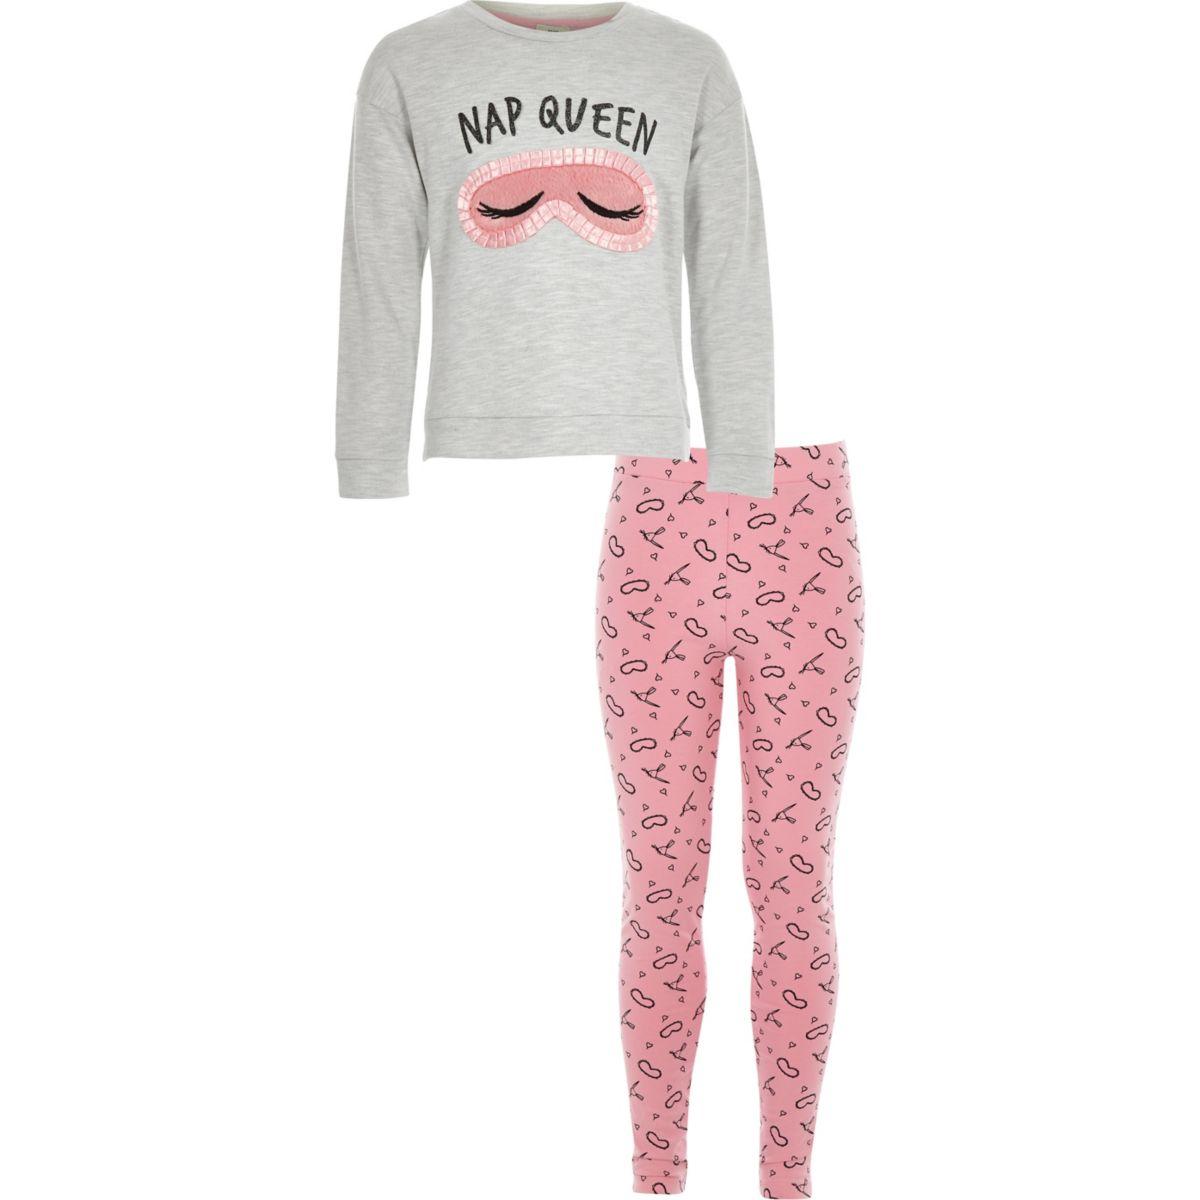 Girls grey 'nap queen' pajama set